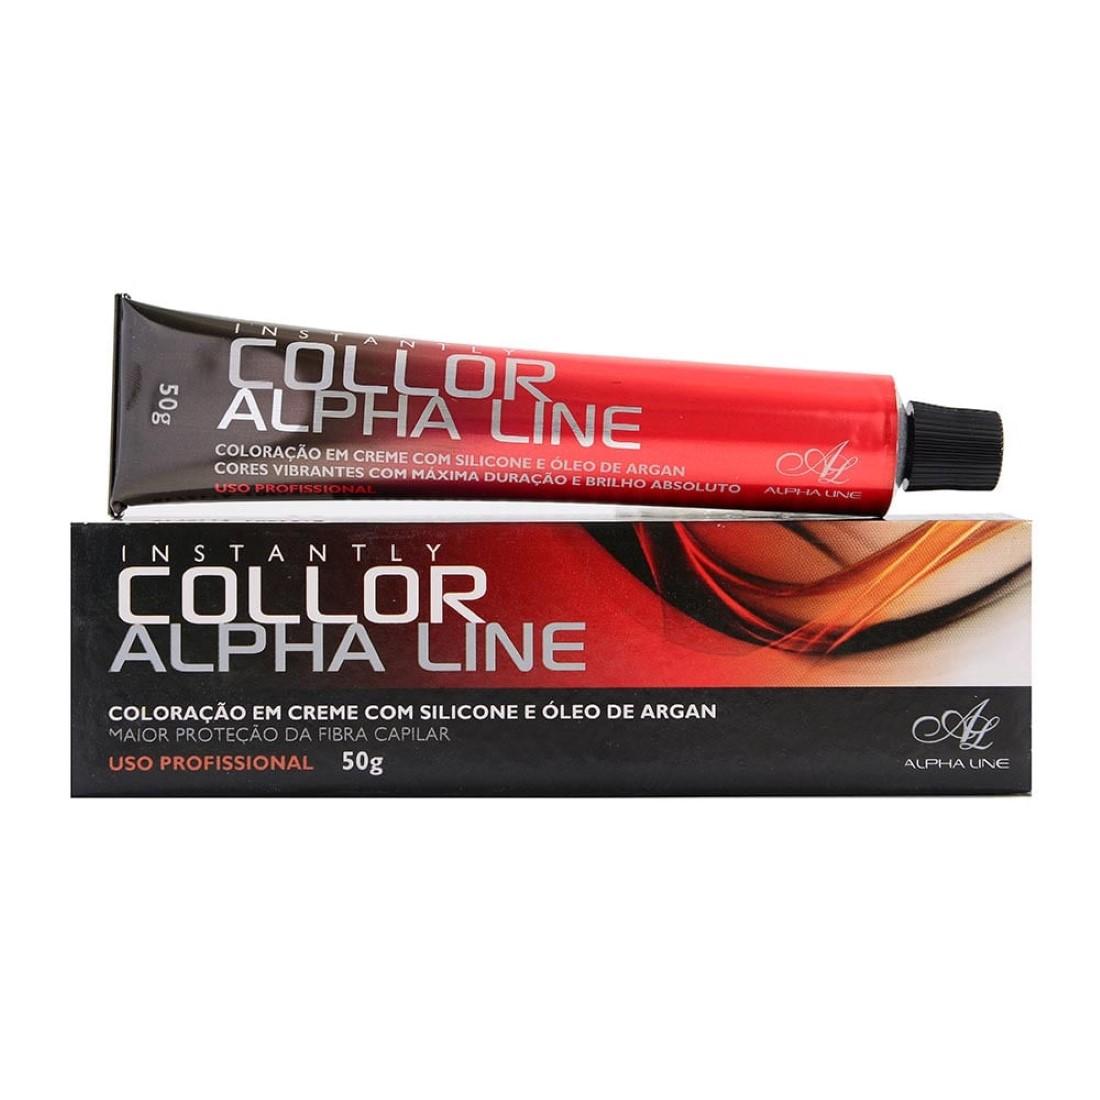 Coloração Instantly Collor Louro Escuro Marrom Acinzentado 6.71- Alpha Line